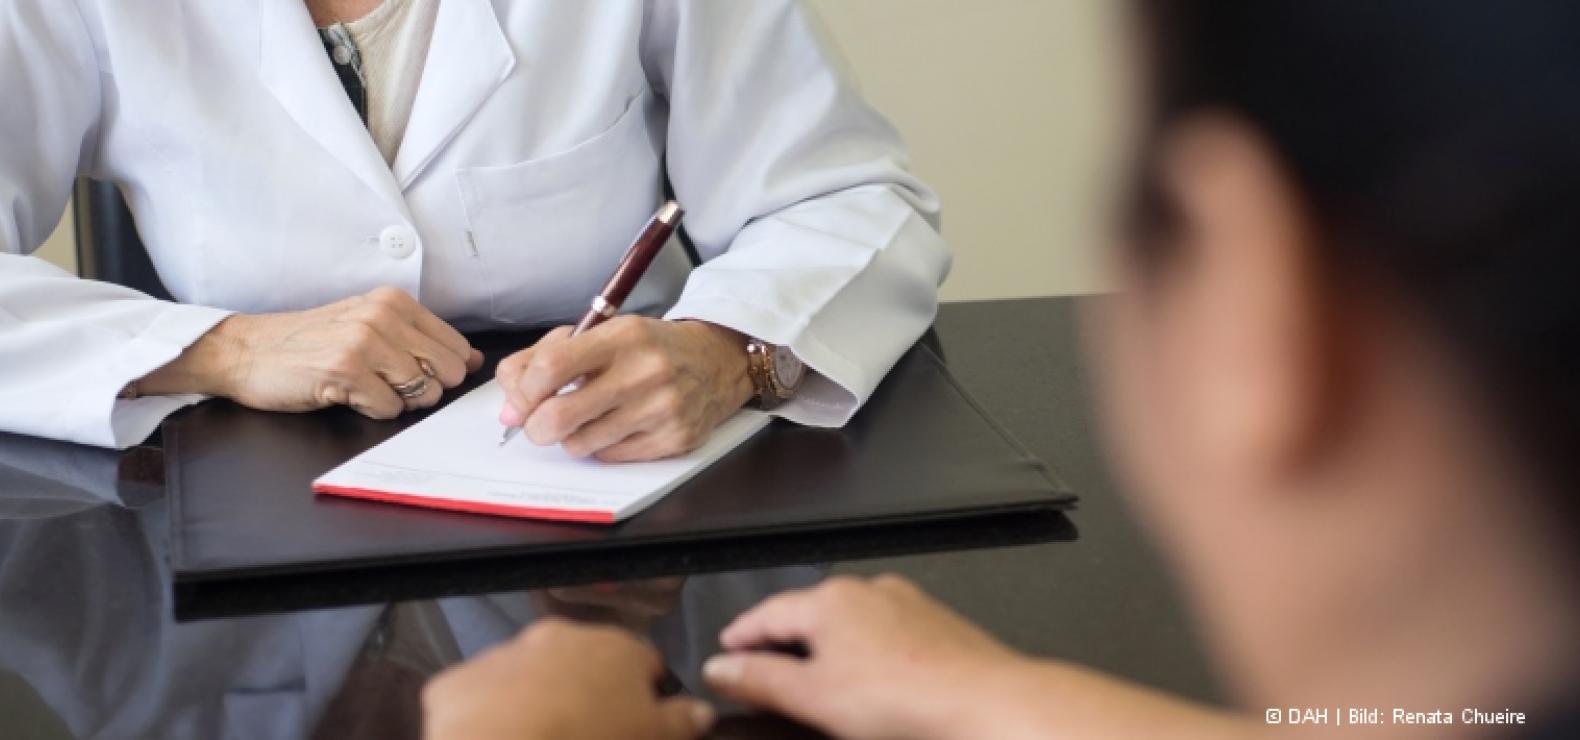 Ärztin und Patient sitzen sich gegenüber; die Ärztin macht Notizen